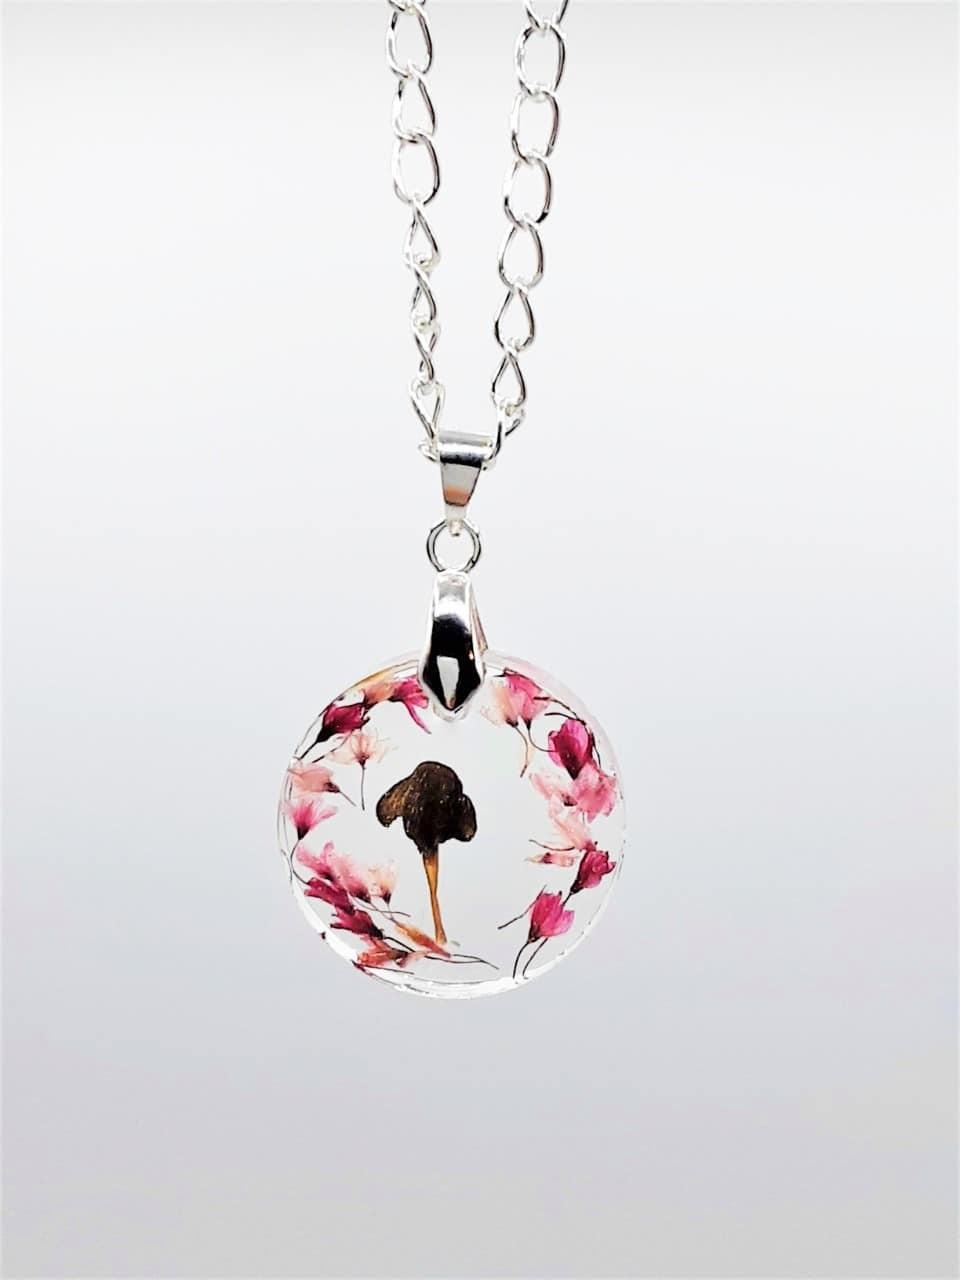 Pendentif de la gamme de bijoux résine d'Adaval bijoux avec incrustation de fleurs er de champignon